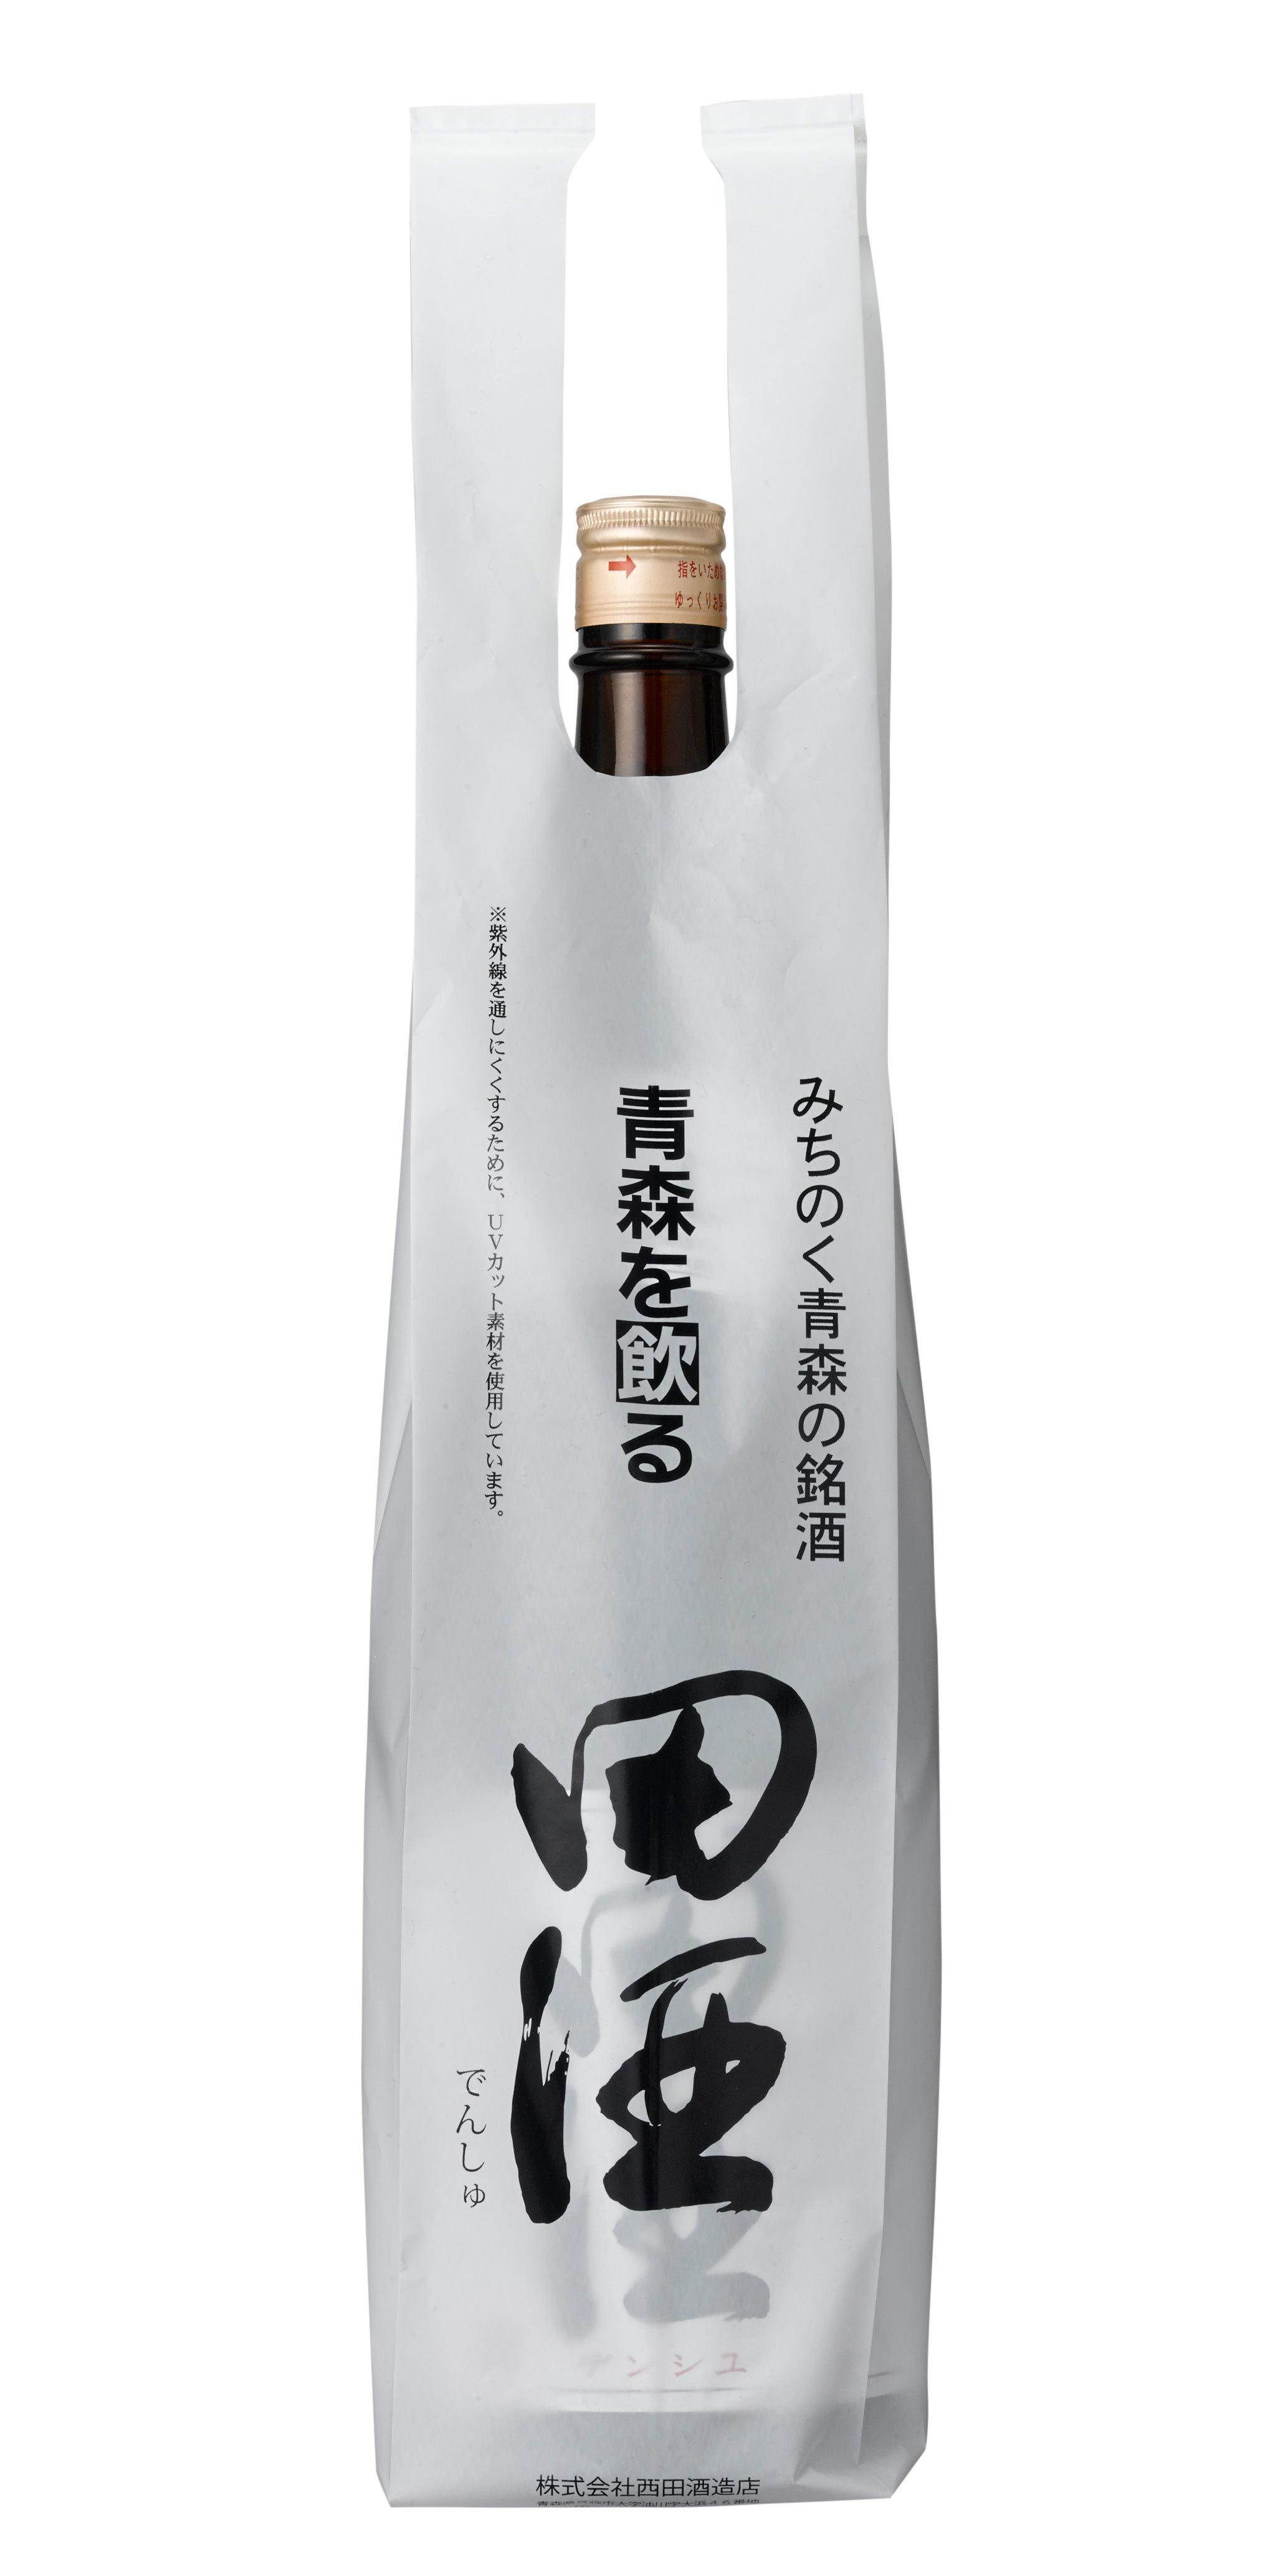 2019年 2月 袋 - 【日直田酒】 - 西田酒造店blog -